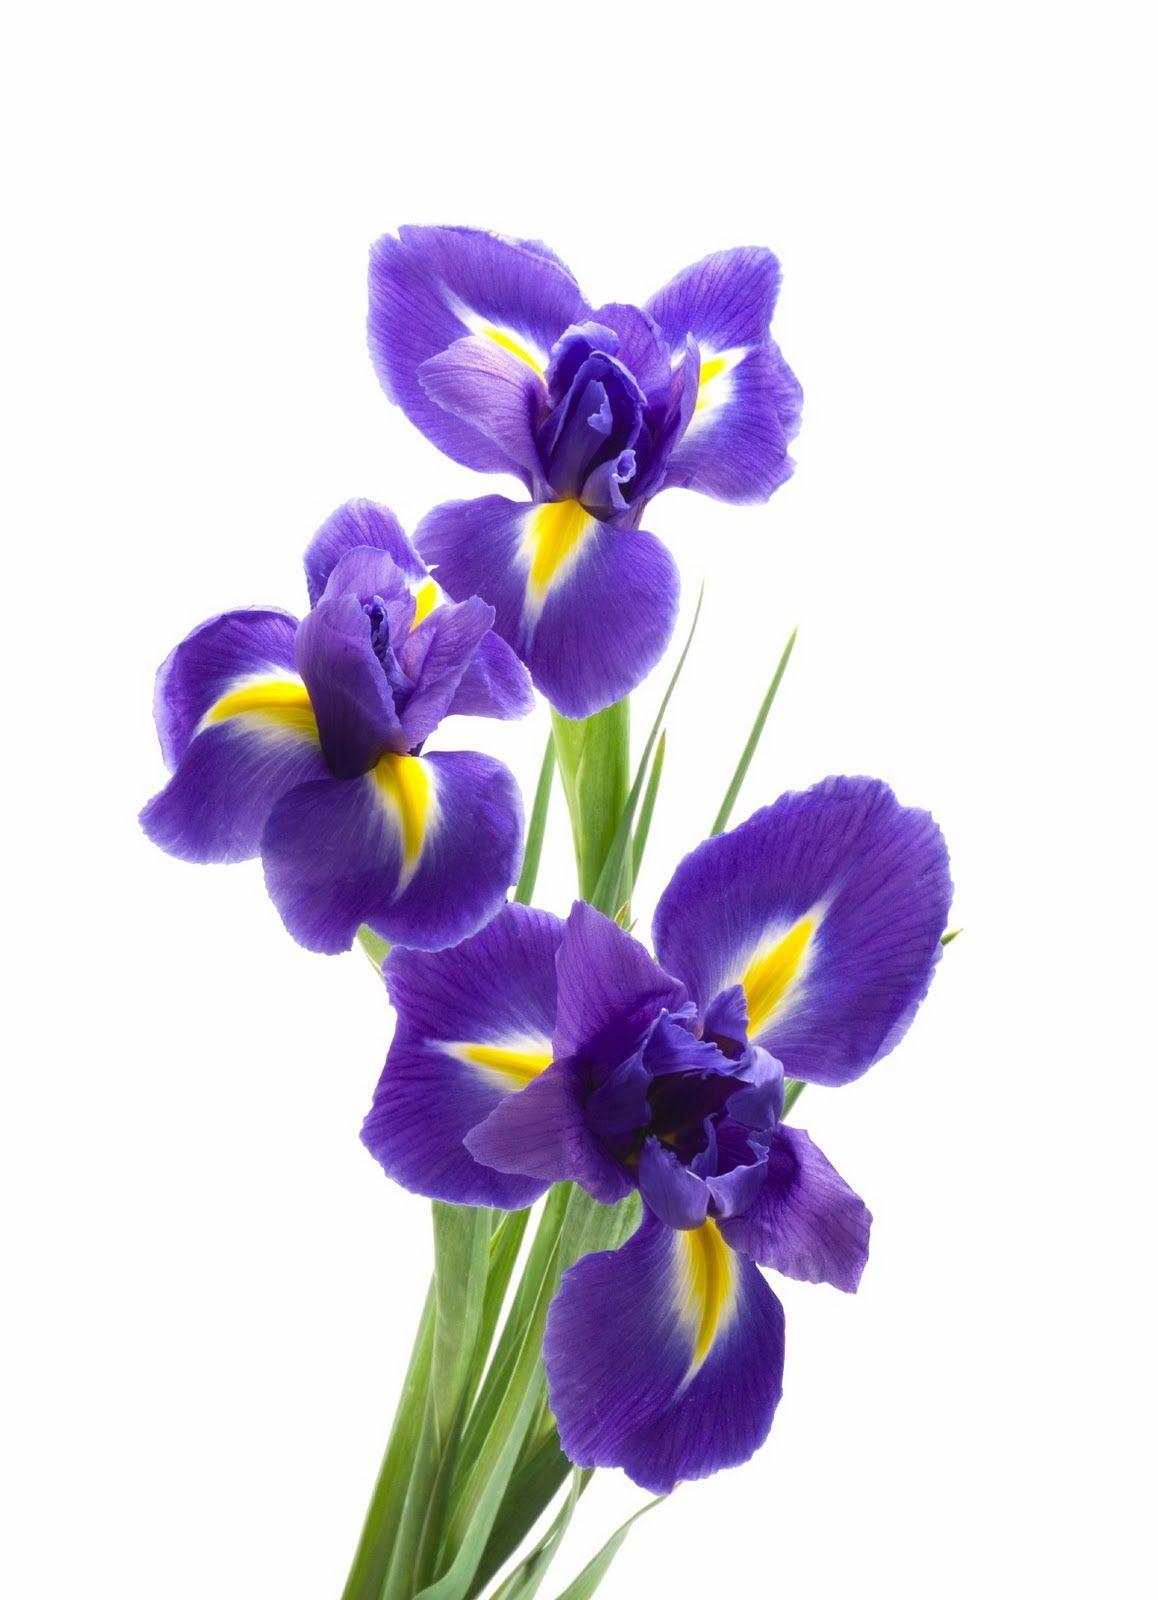 Iris by garrett thinglink gardens pinterest iris iris izmirmasajfo Images